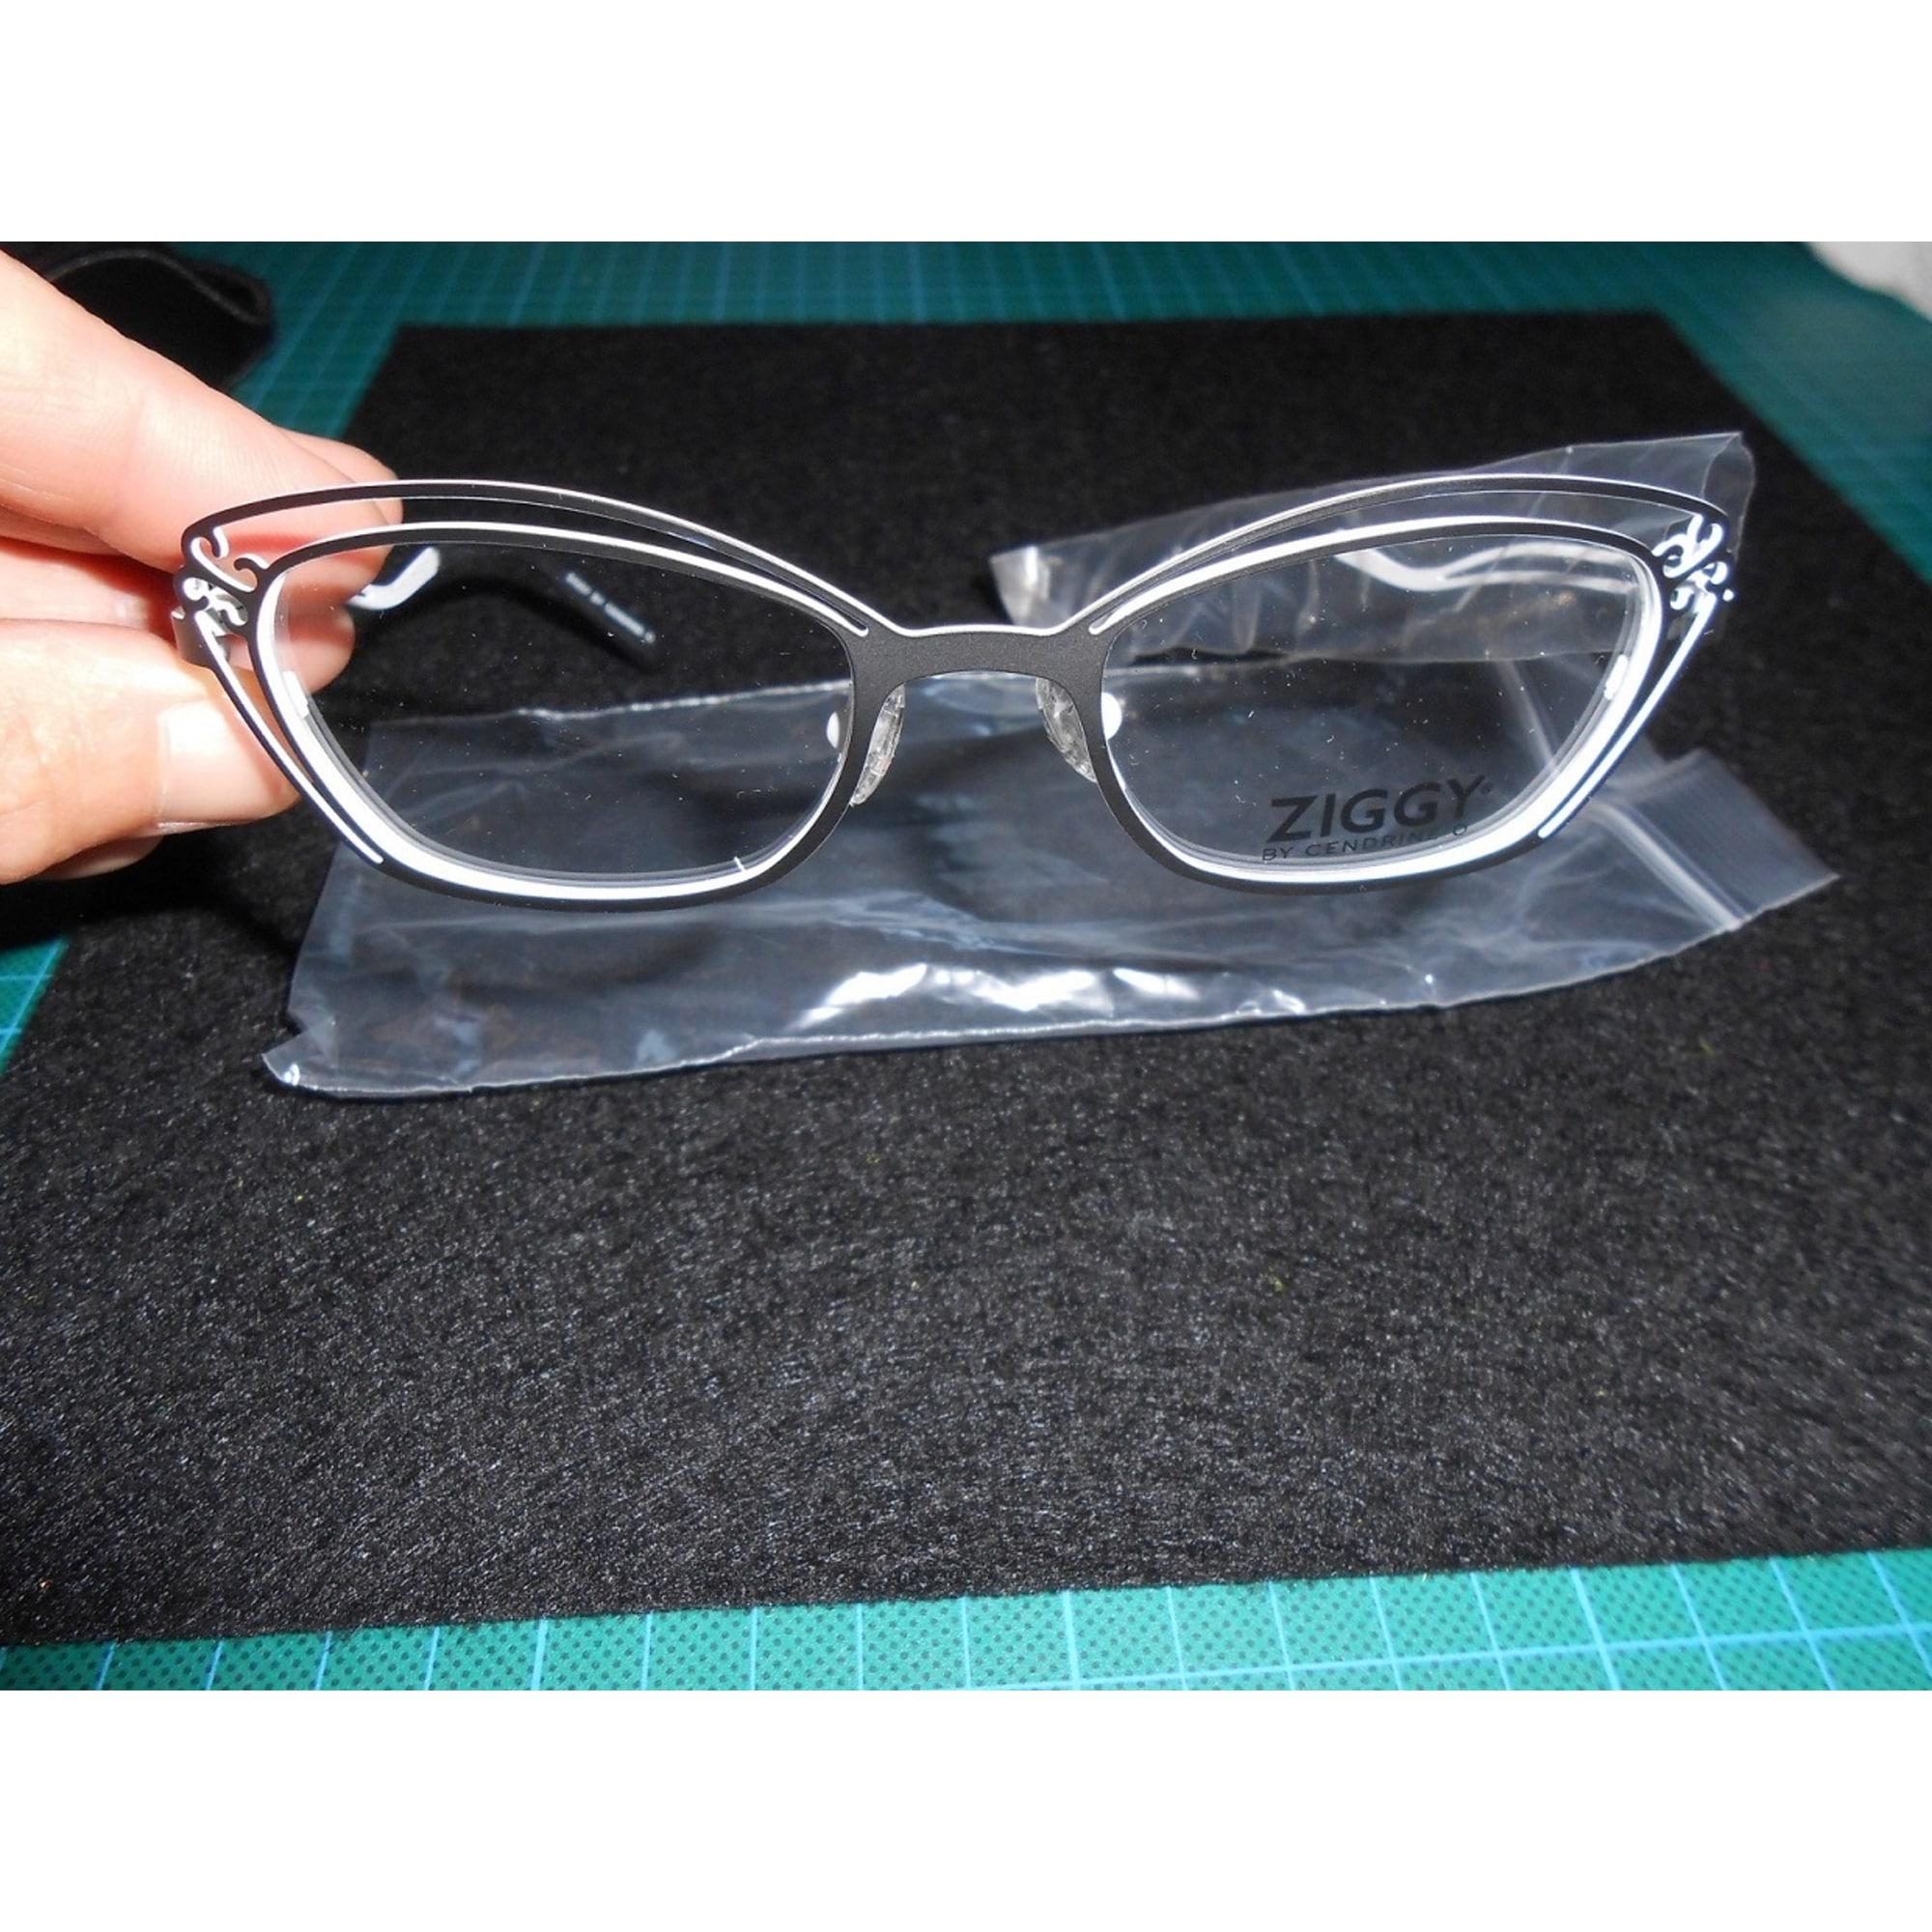 Monture de lunettes ZIGGY noir - 7276447 799c4edd8d42